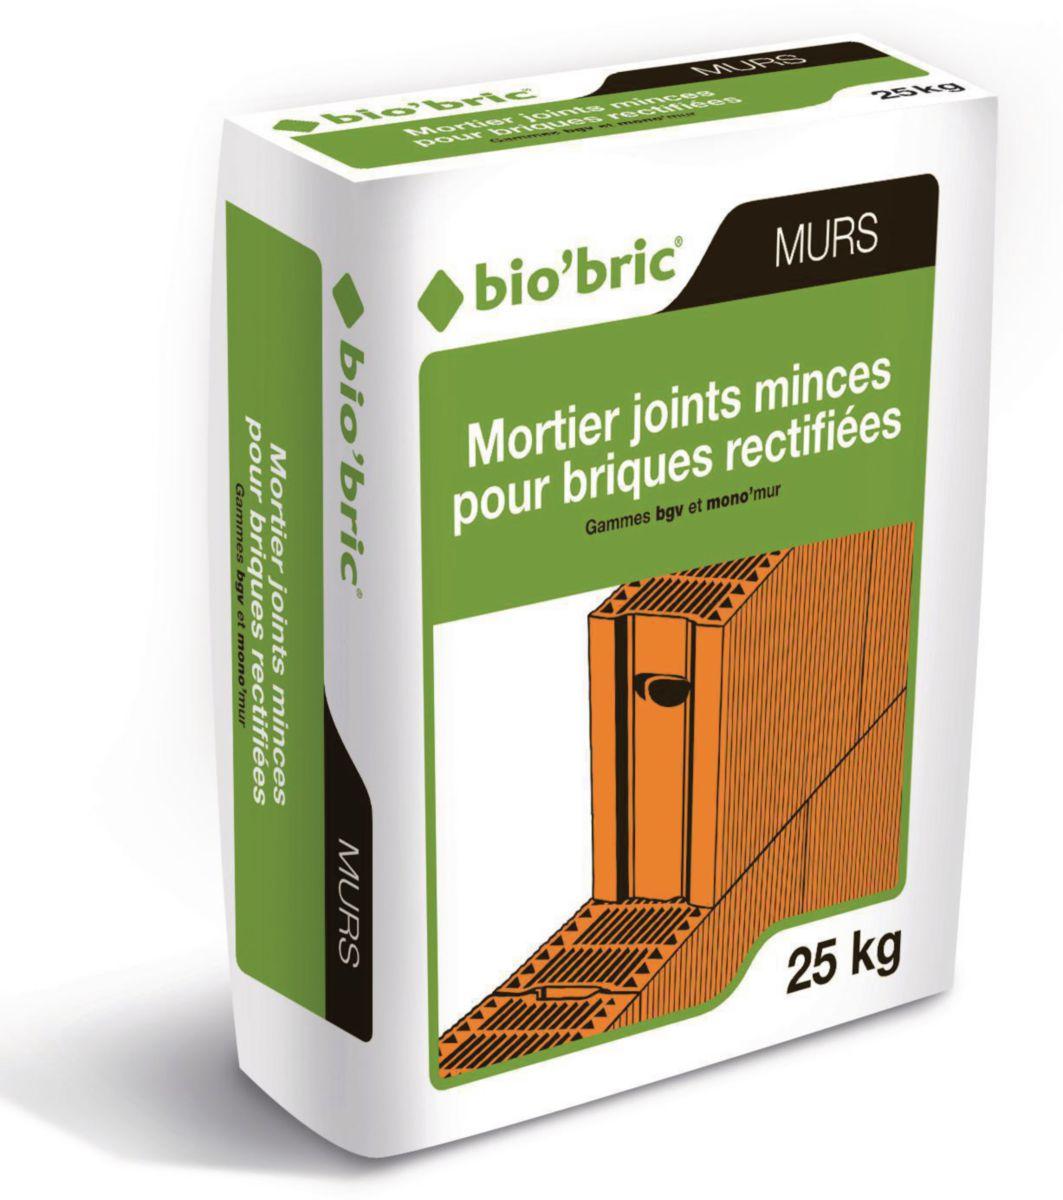 Bio Bric Mortier Joints Minces Bgv Et Monomur Sac De 25